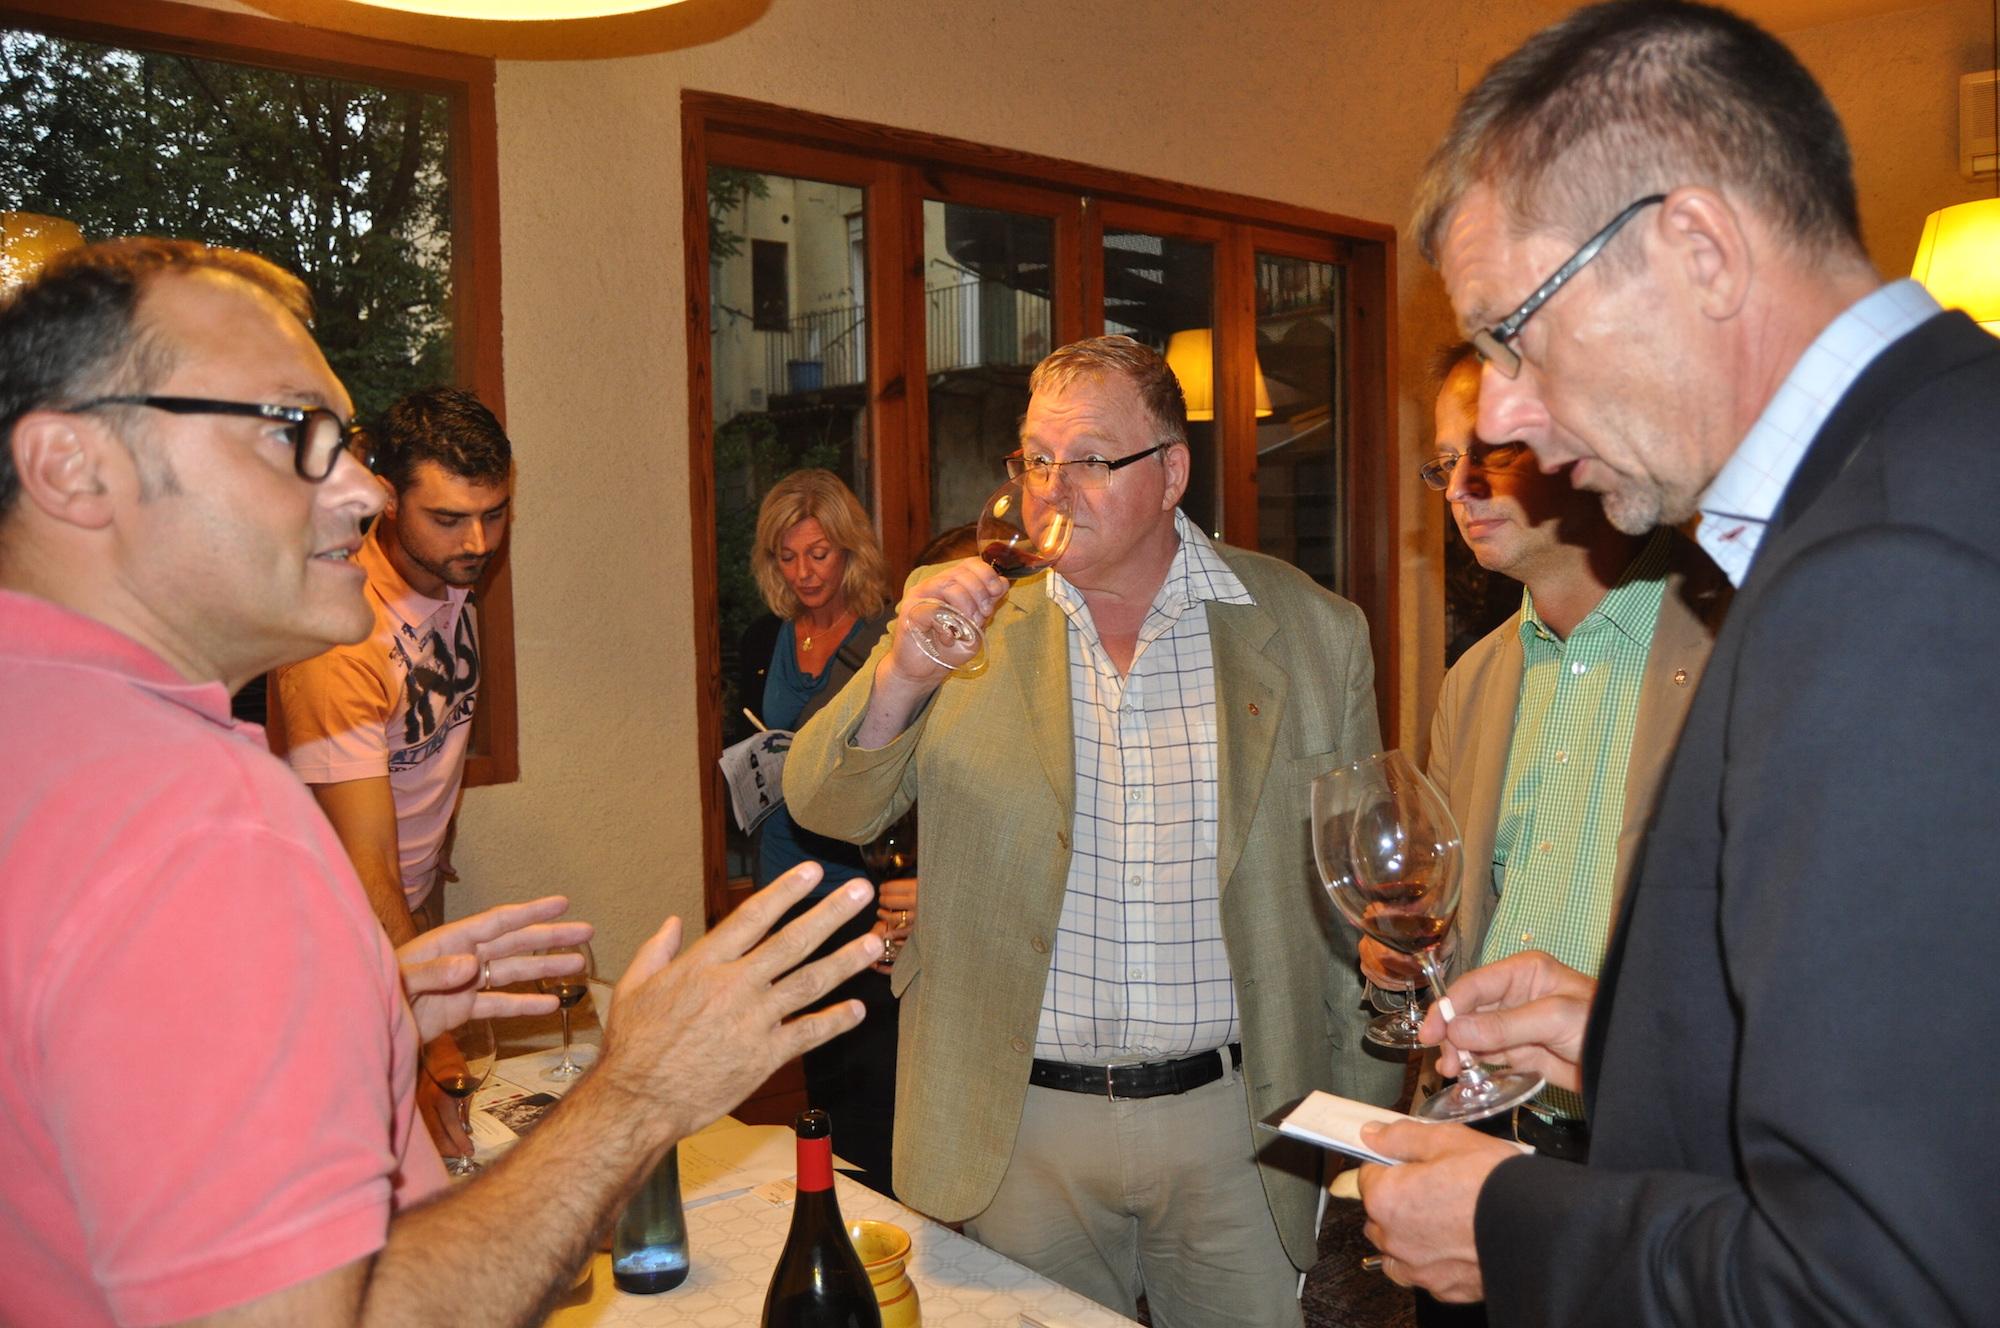 Tret de sortida a l'any Priorat-Montsant